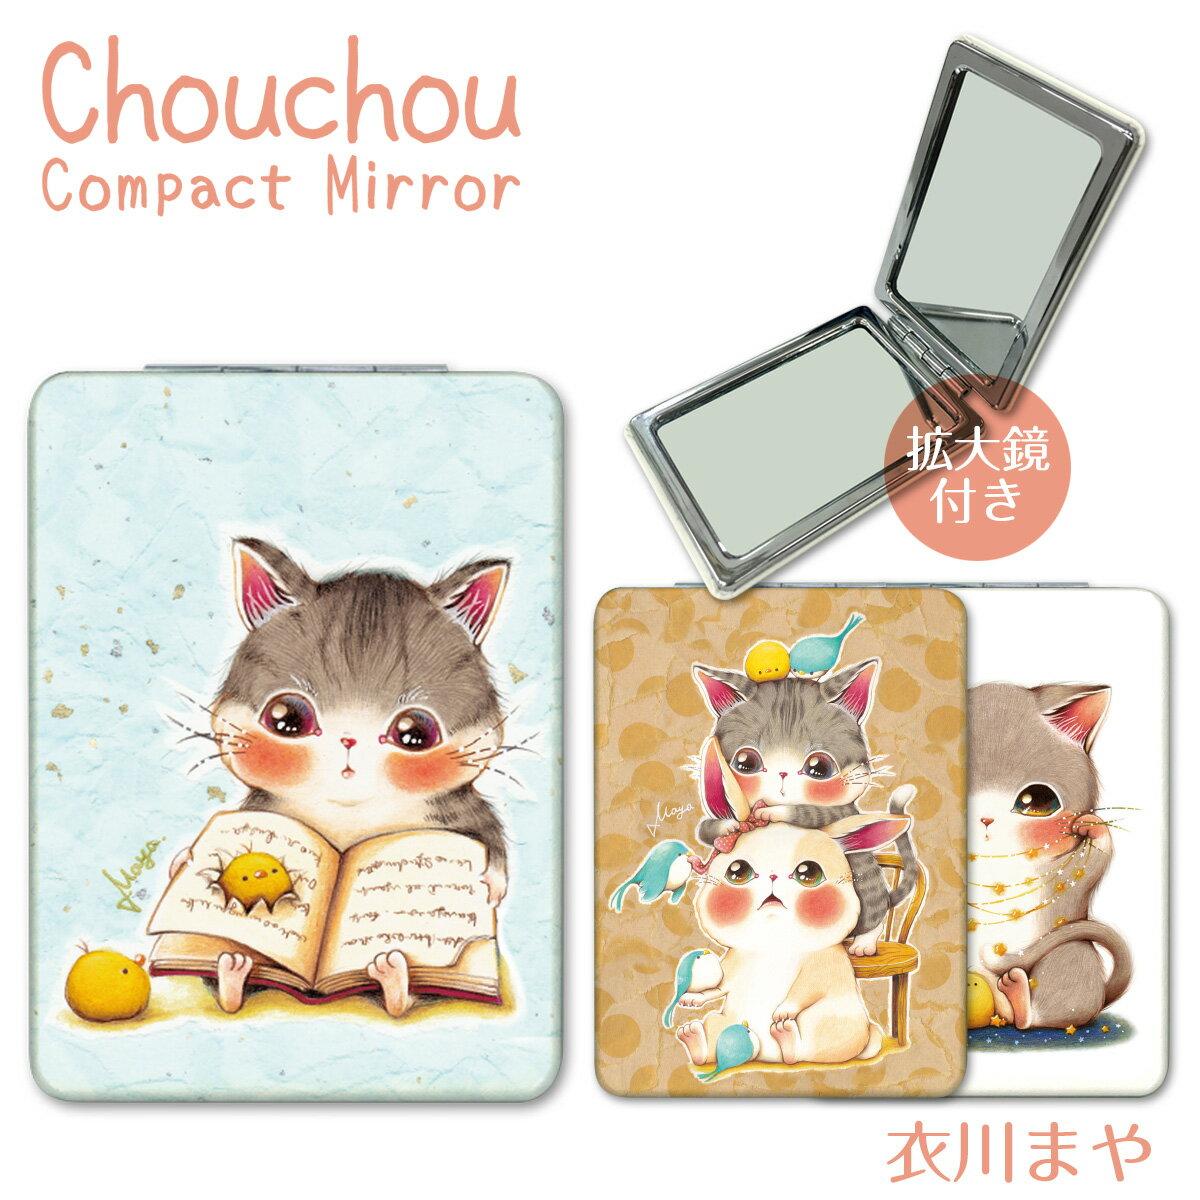 手鏡 コンパクトミラー ハンドミラー 拡大鏡付 持ち歩きに便利 かわいい ネコ ねこ 猫 chouchou 送料無料 発送はメール便 mr-009